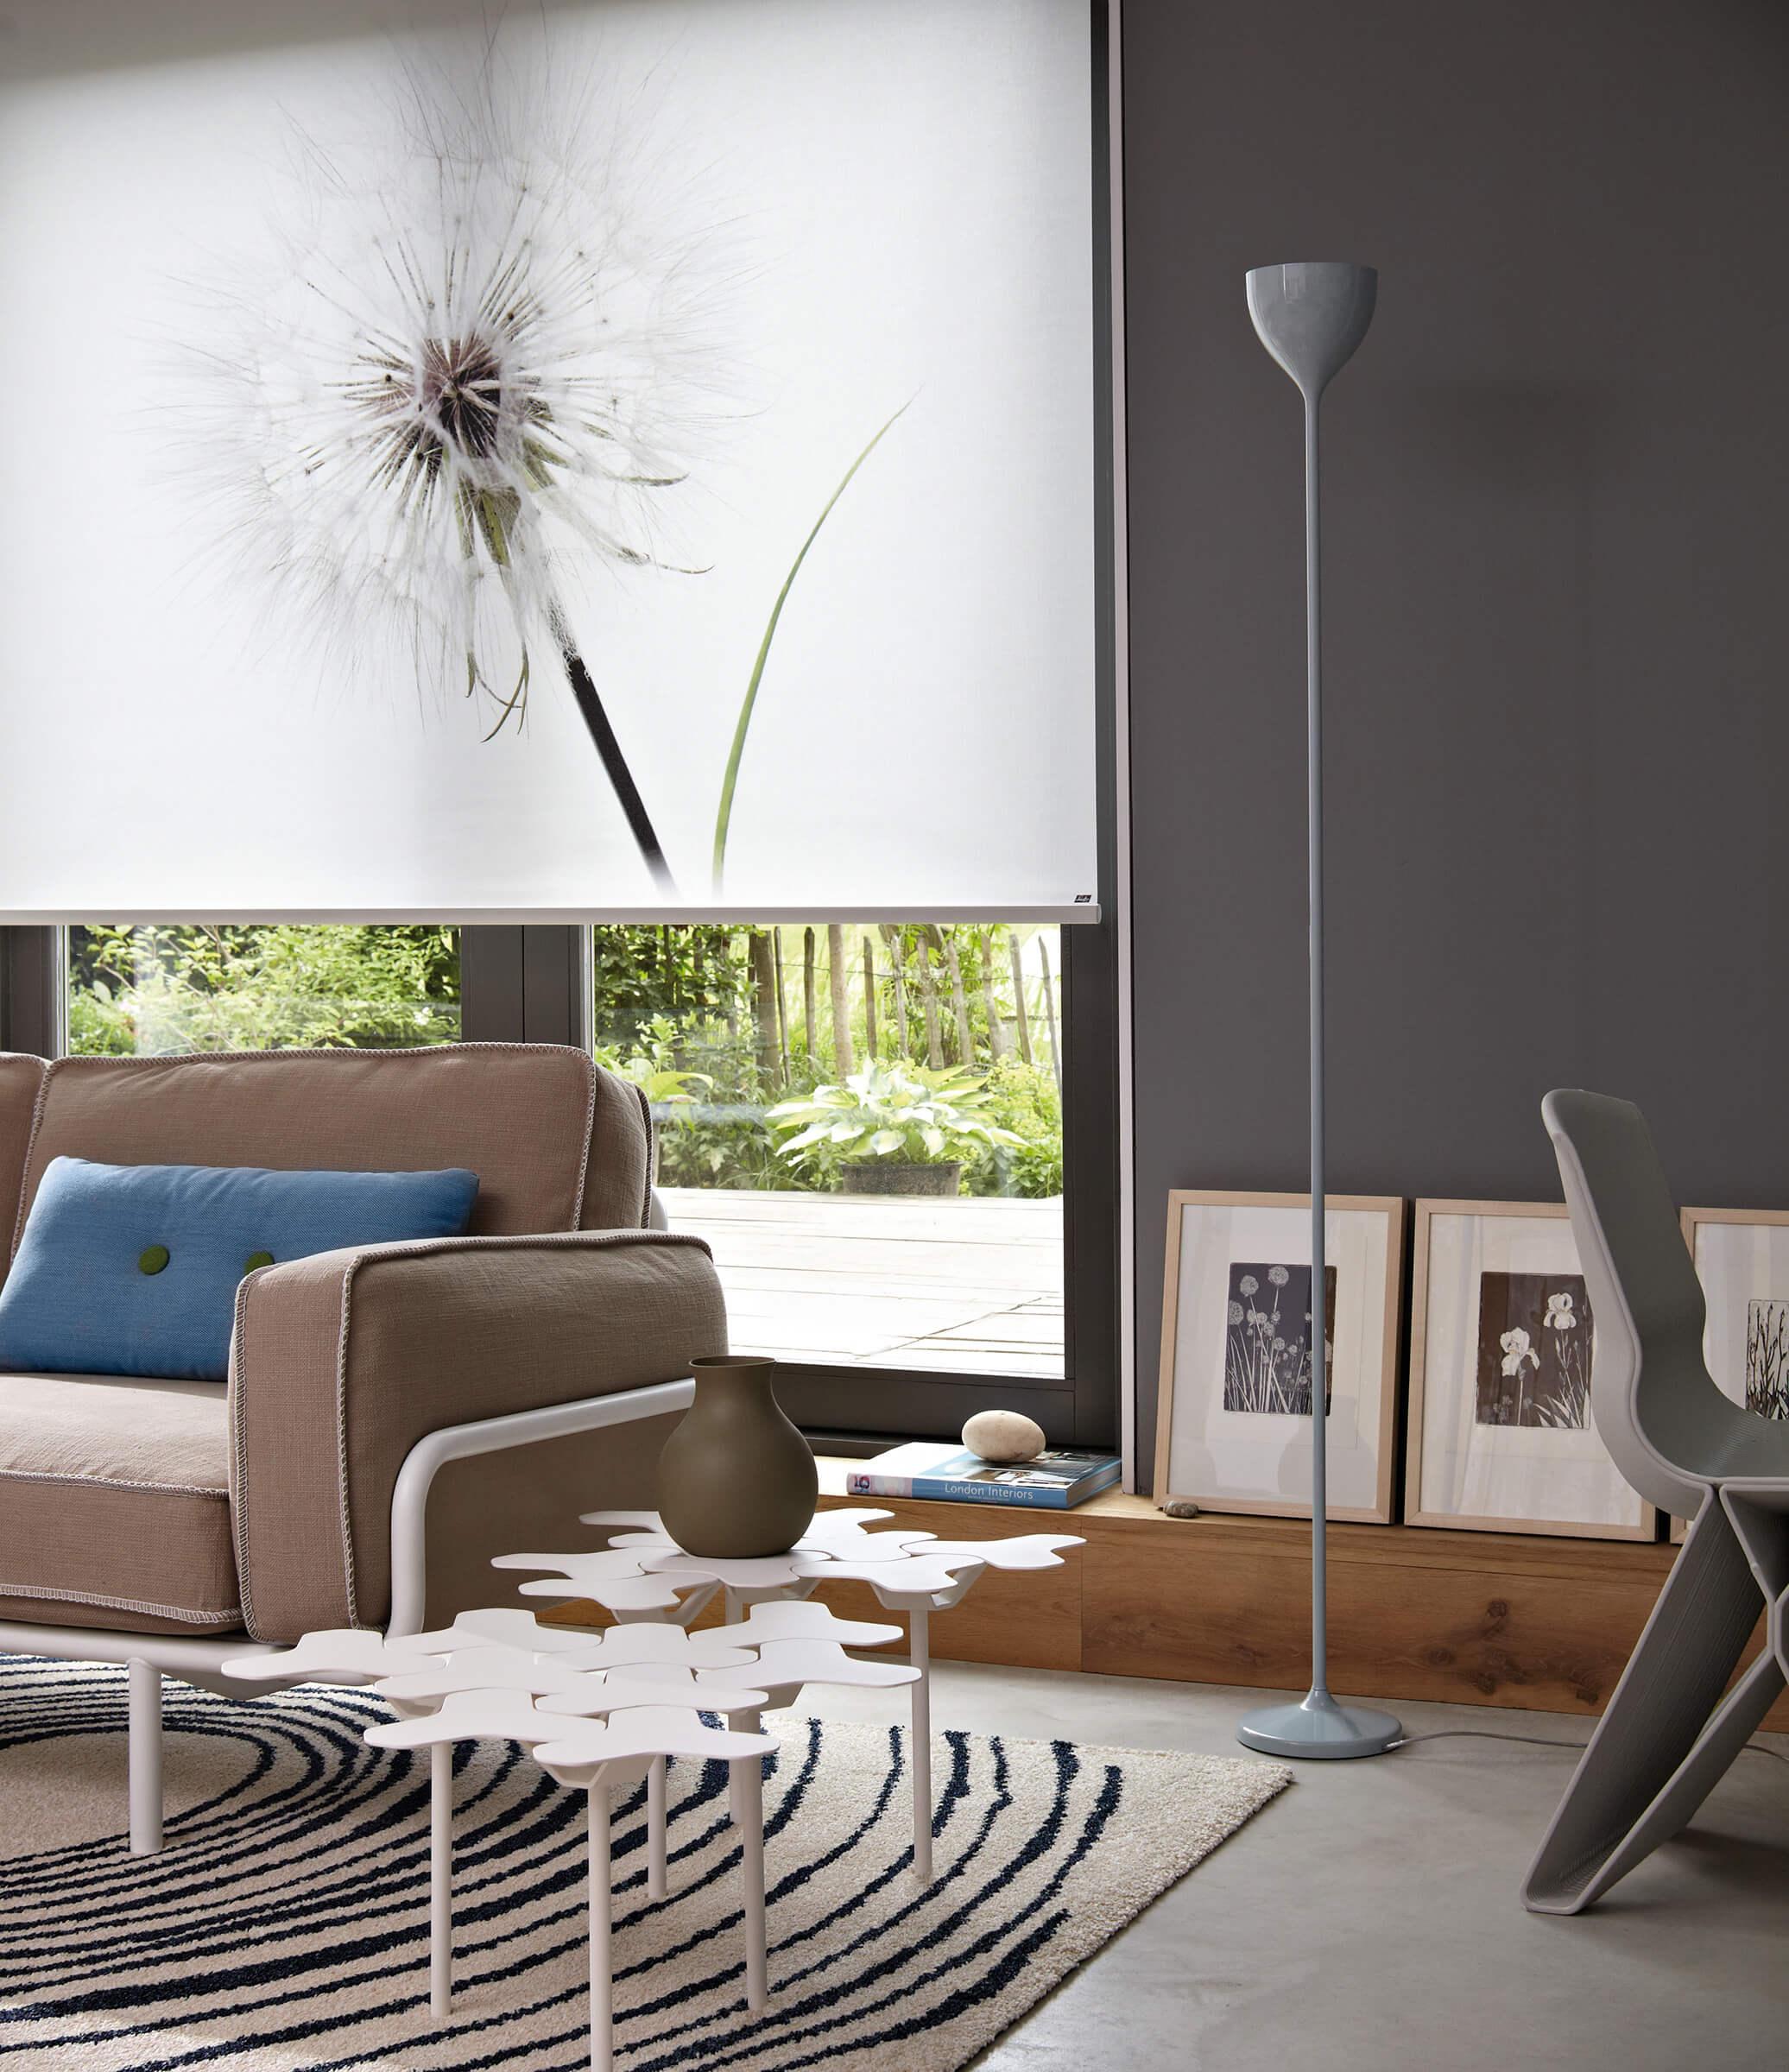 Luxaflex Rollos mit Pusteblume Motiv im Wohnzimmer